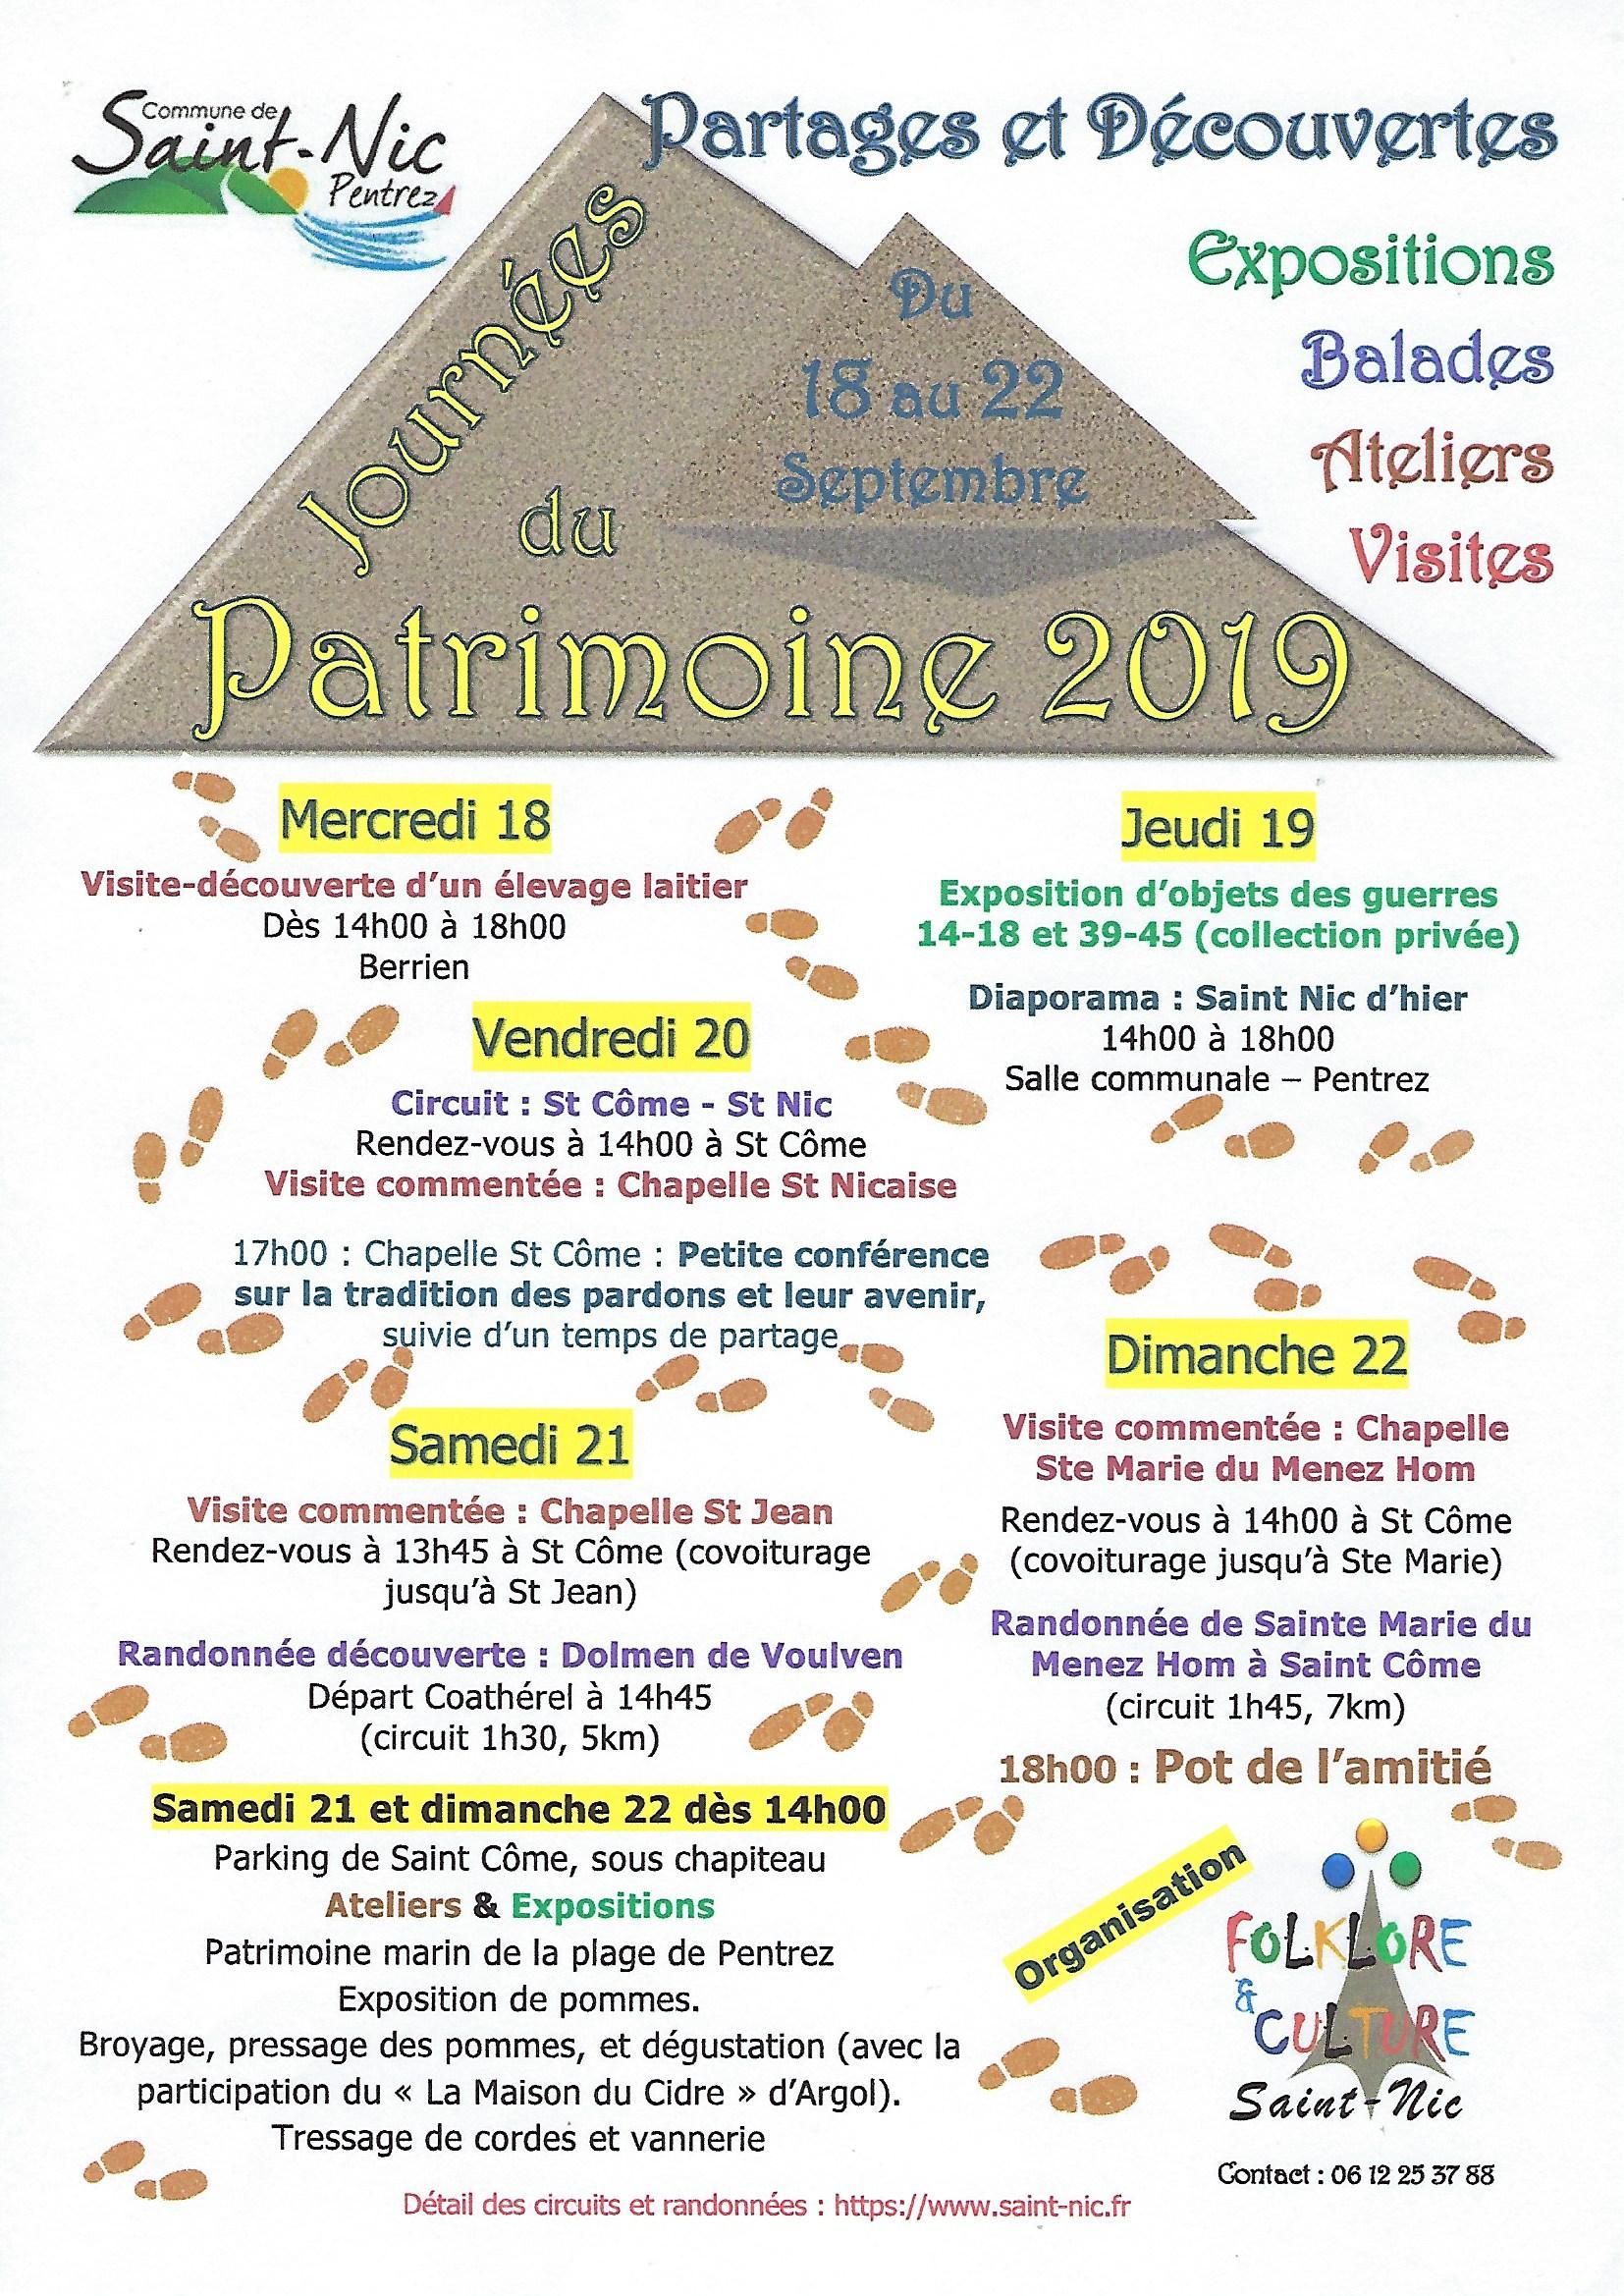 Journées Européennes du Patrimoine - Exposition d'objets des guerres 14-18 et 39-45 et diaporama Saint-Nic d'Hier